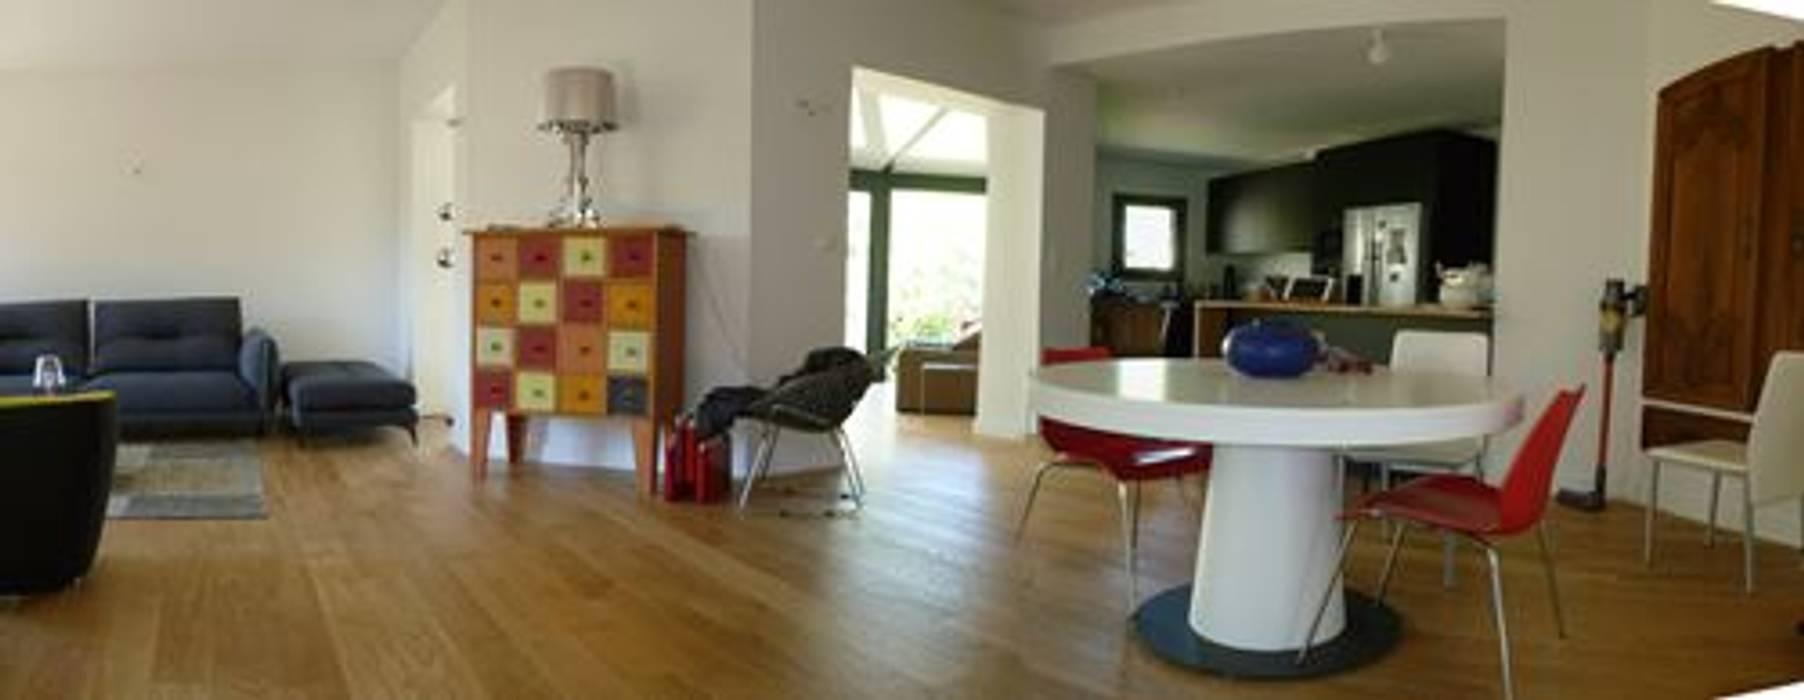 Séjour après travaux salon moderne par farache claude ...